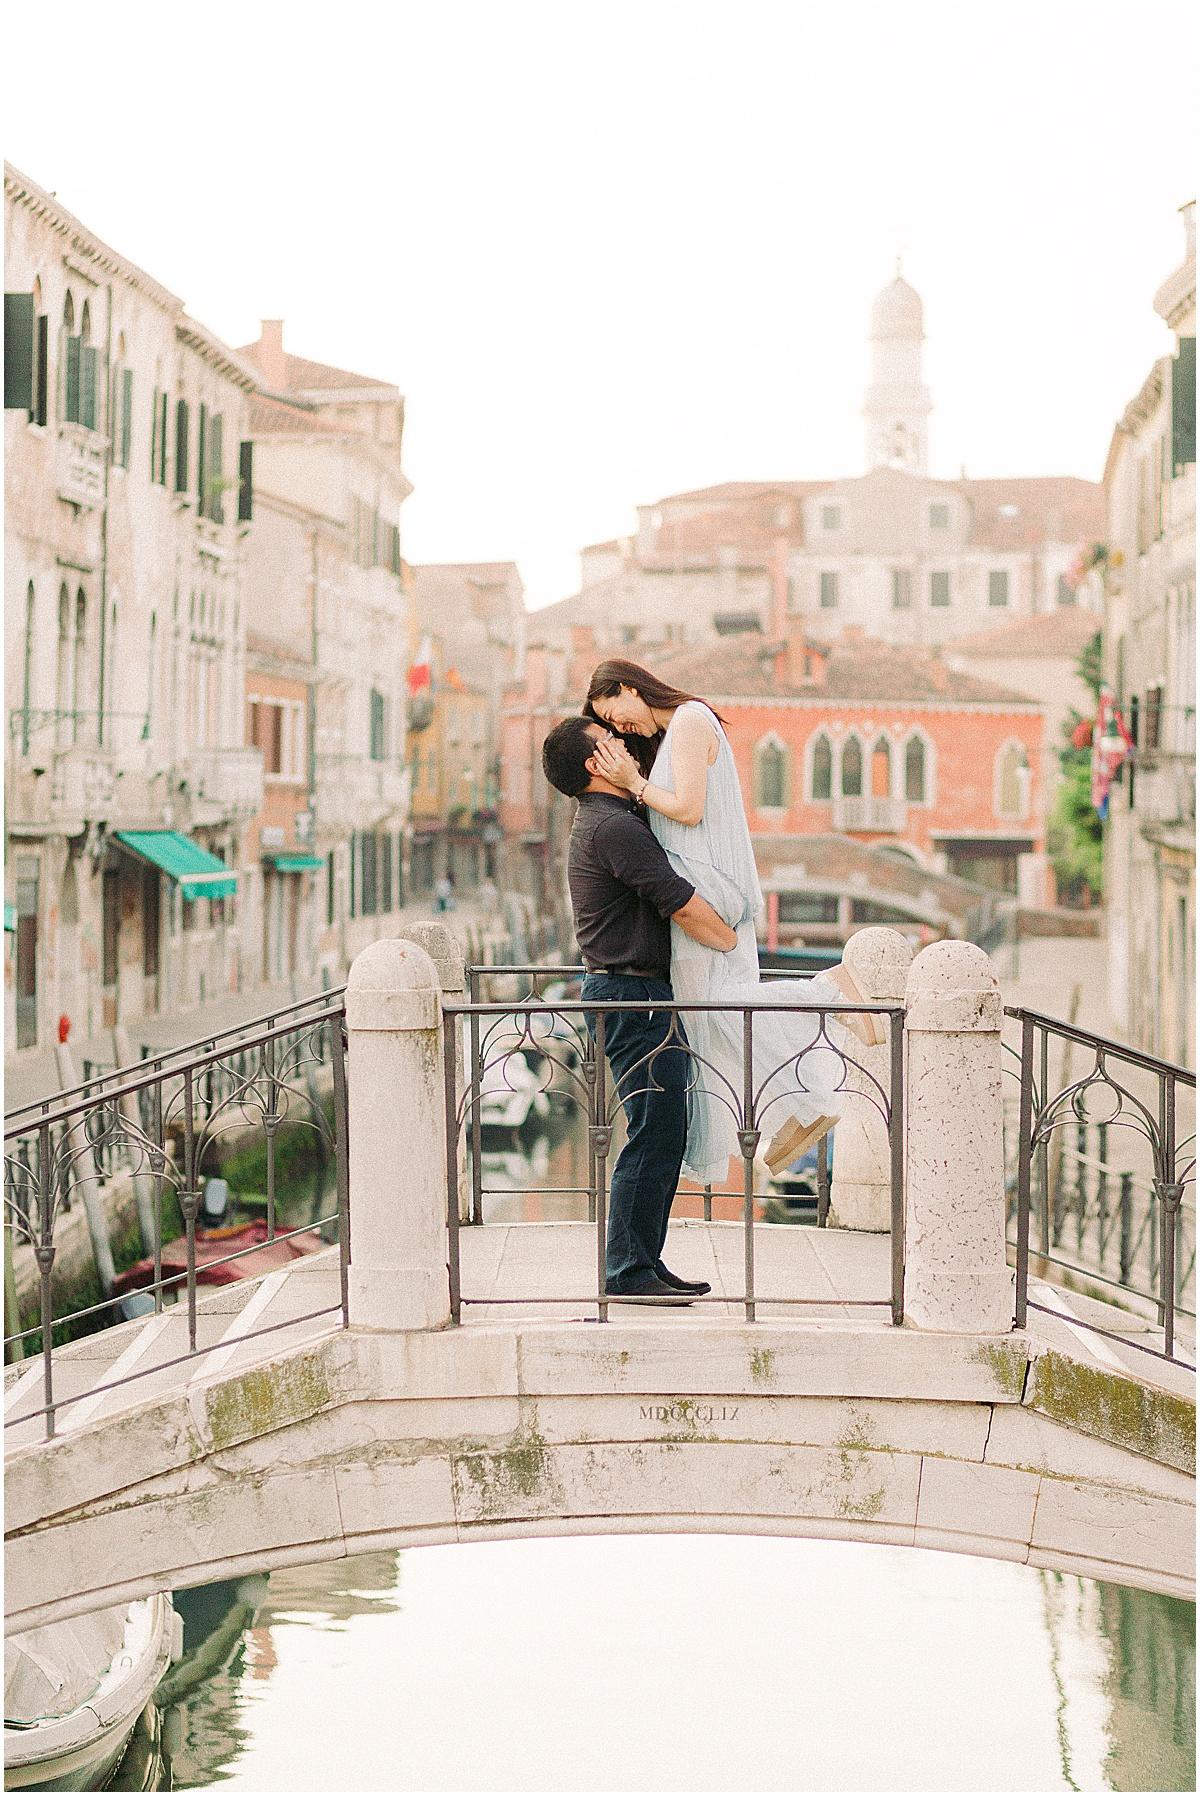 lifestyle-photographer-couple-in-venice-gondola-sunset-stefano-degirmenci_0338.jpg